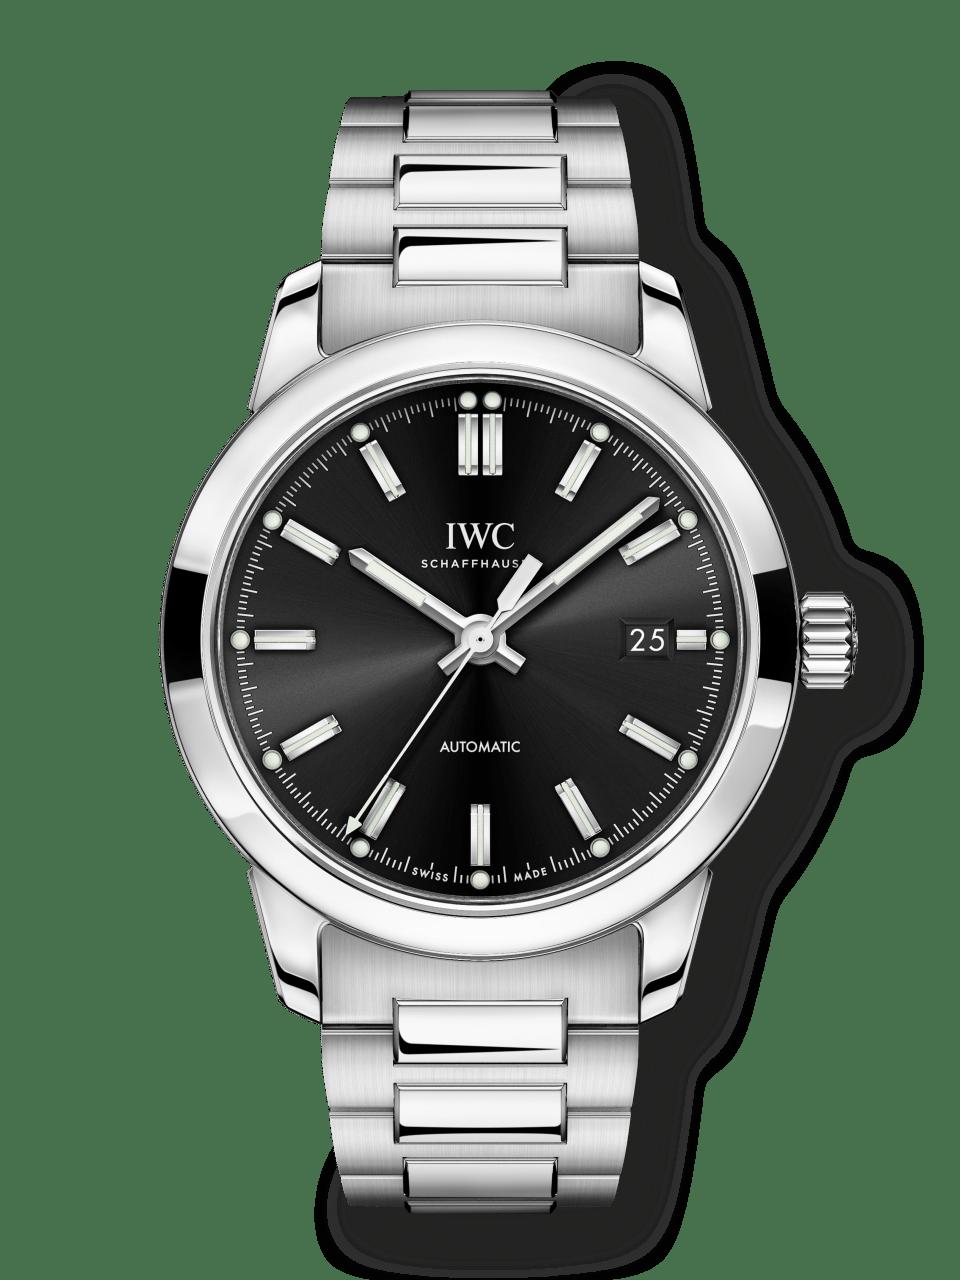 Iwc - orologi gioielleria Rabino